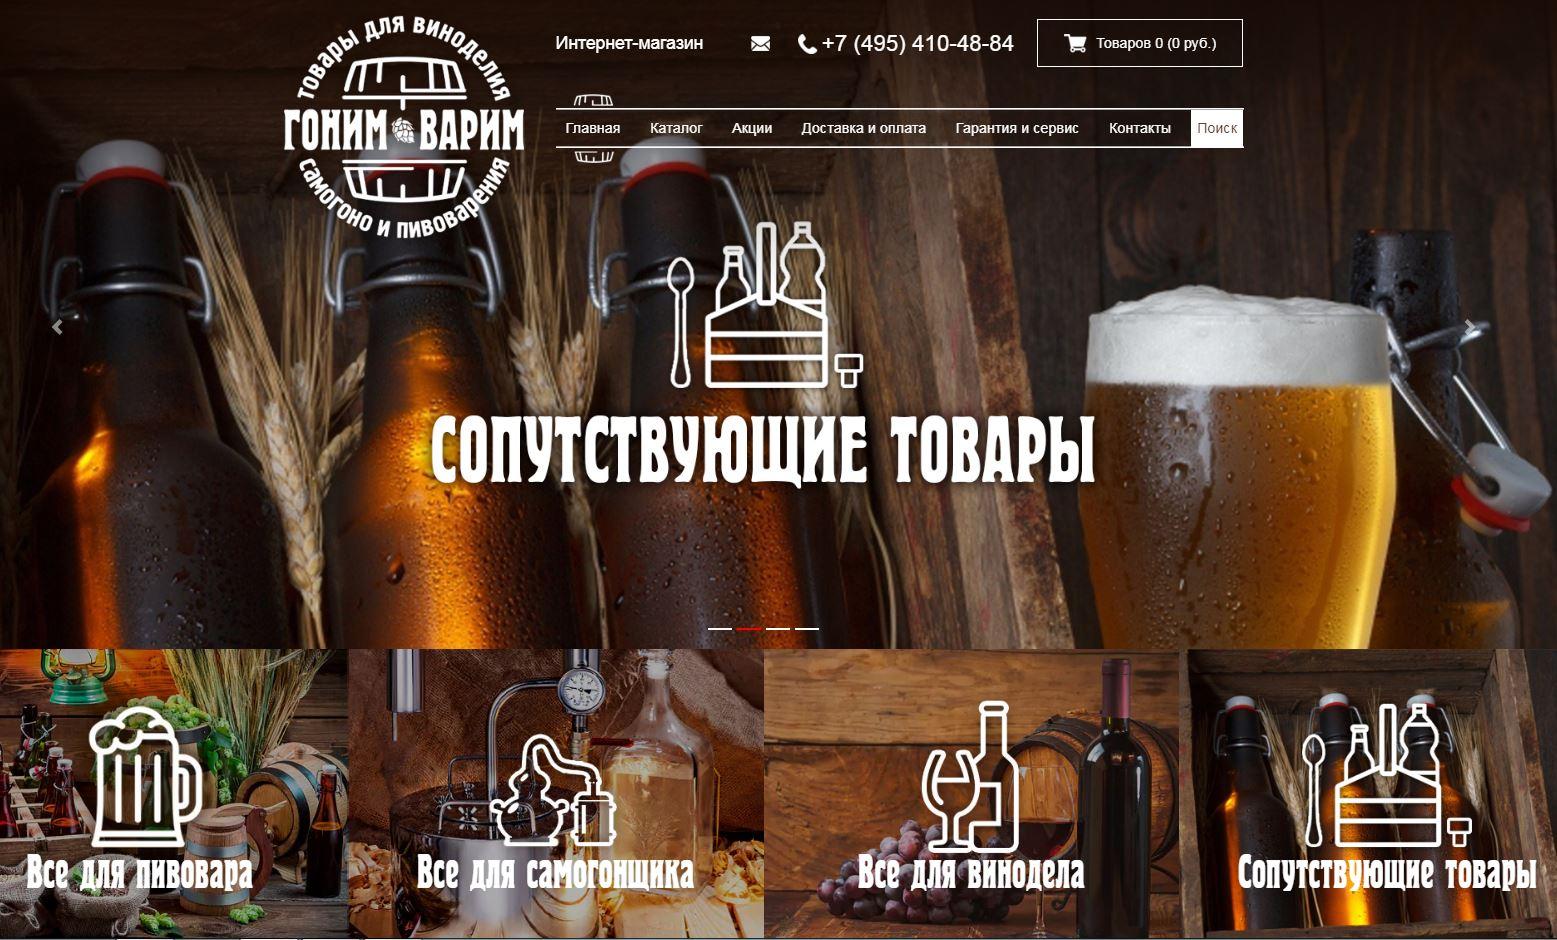 """Создание интернет-магазина """"Гоним-Варим"""""""